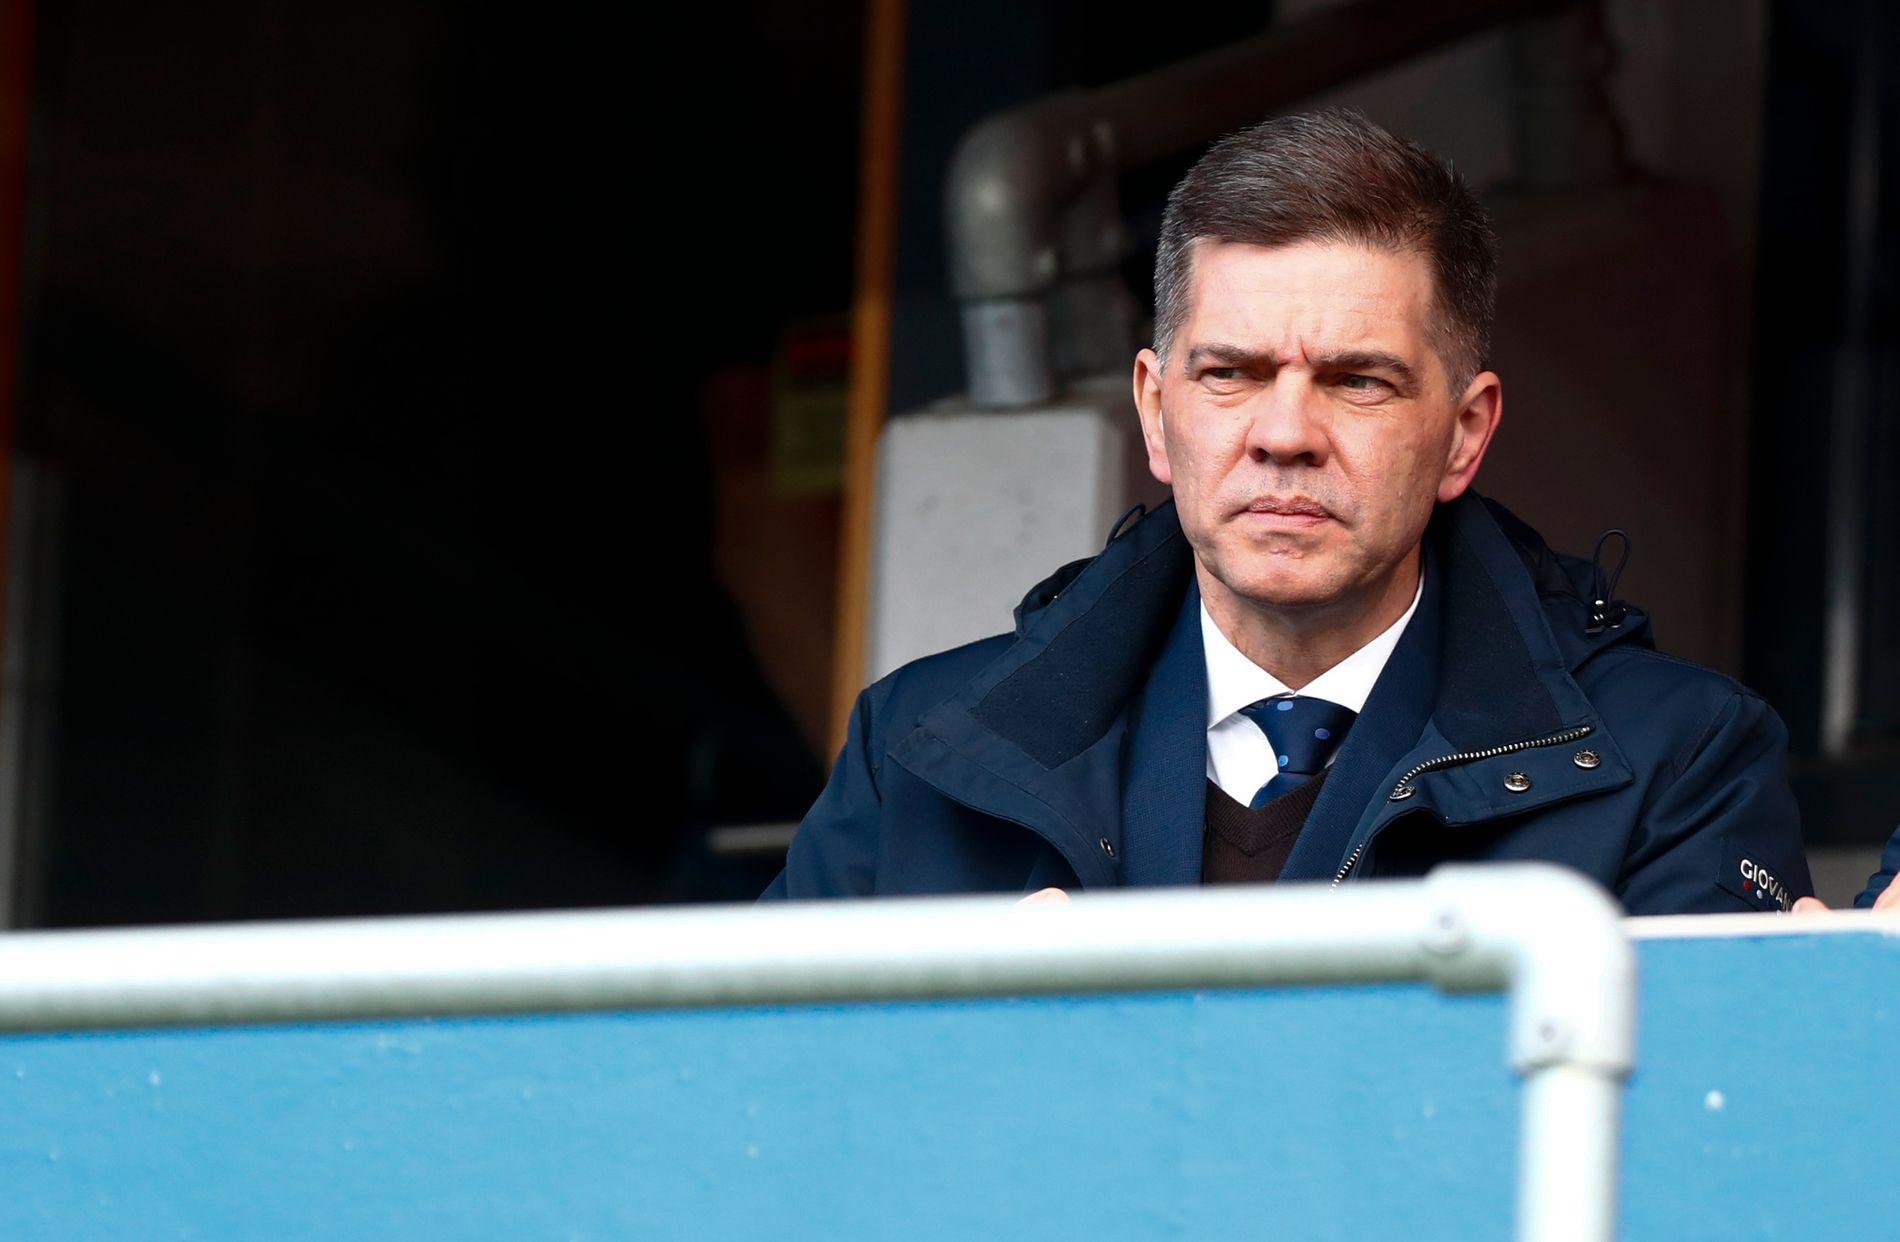 Dommersjef i NFF, Terje Hauge, er positiv til en innføring av VAR i norsk fotball.